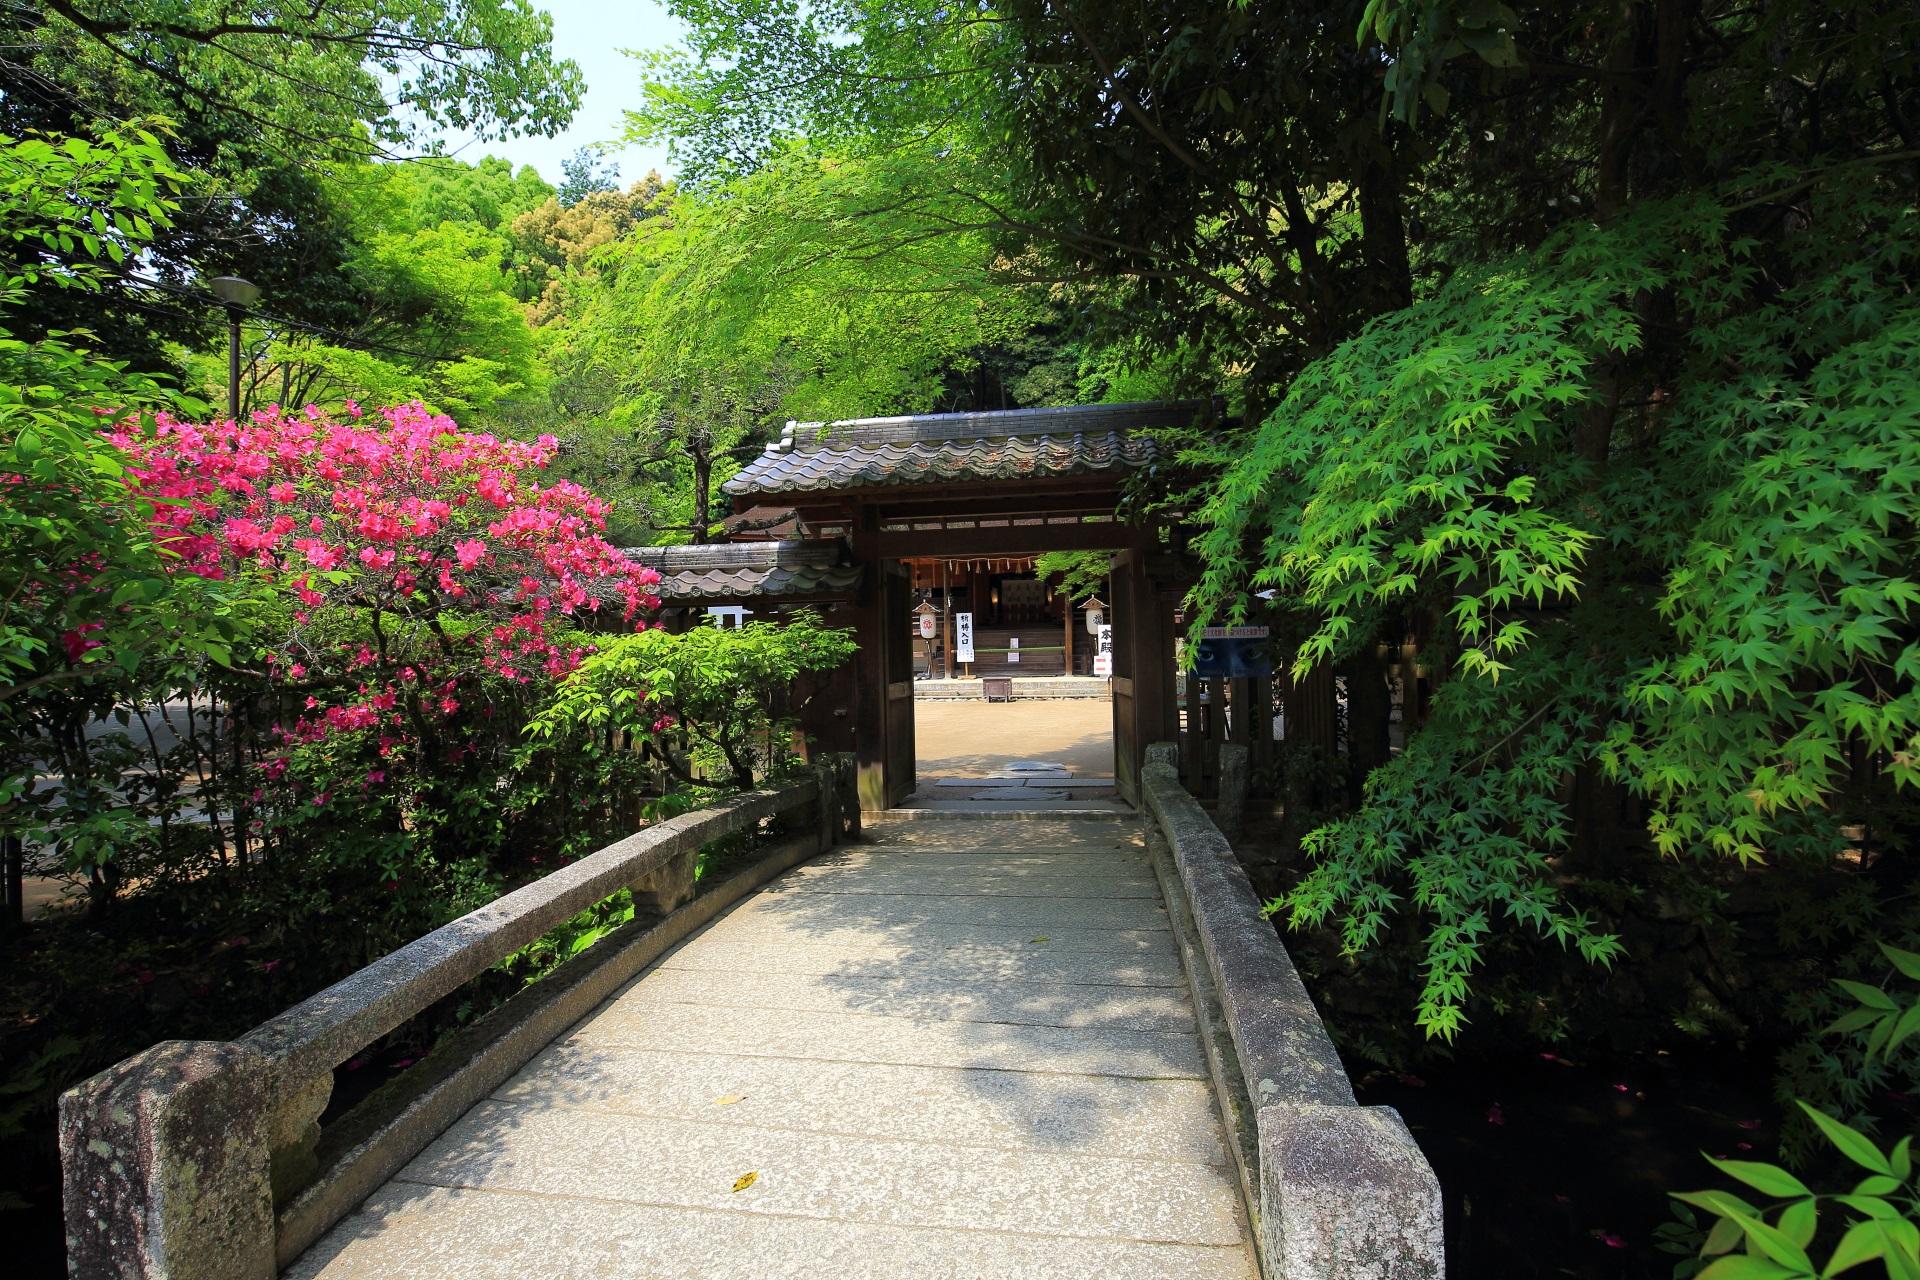 宇治上神社の参道の新緑と山門